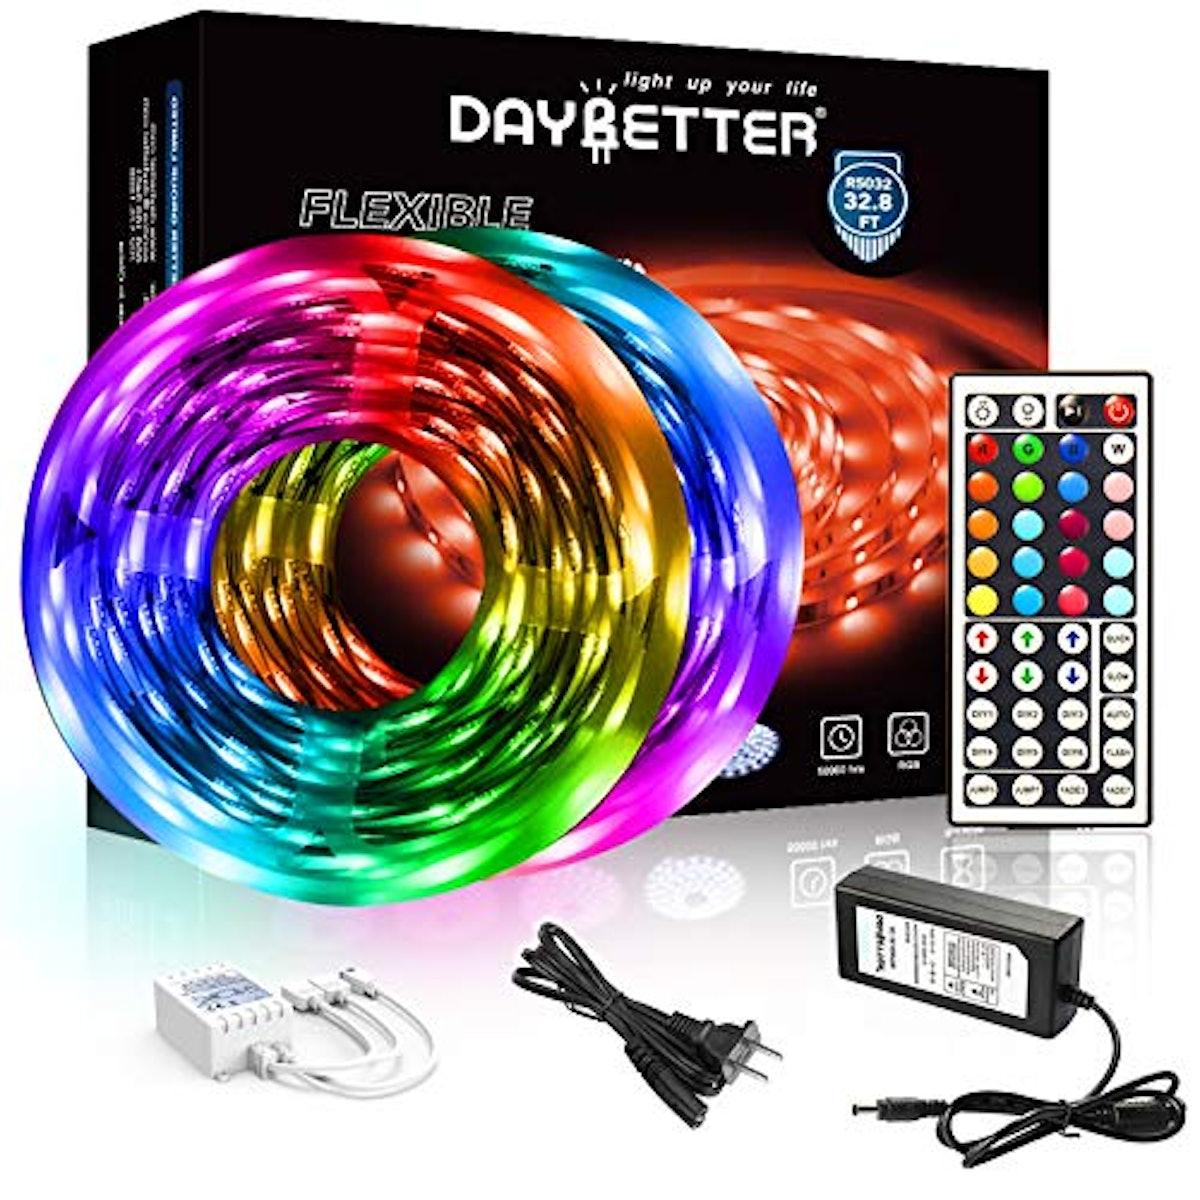 DAYBETTER Led Strip Lights 32.8ft 5050 RGB LED